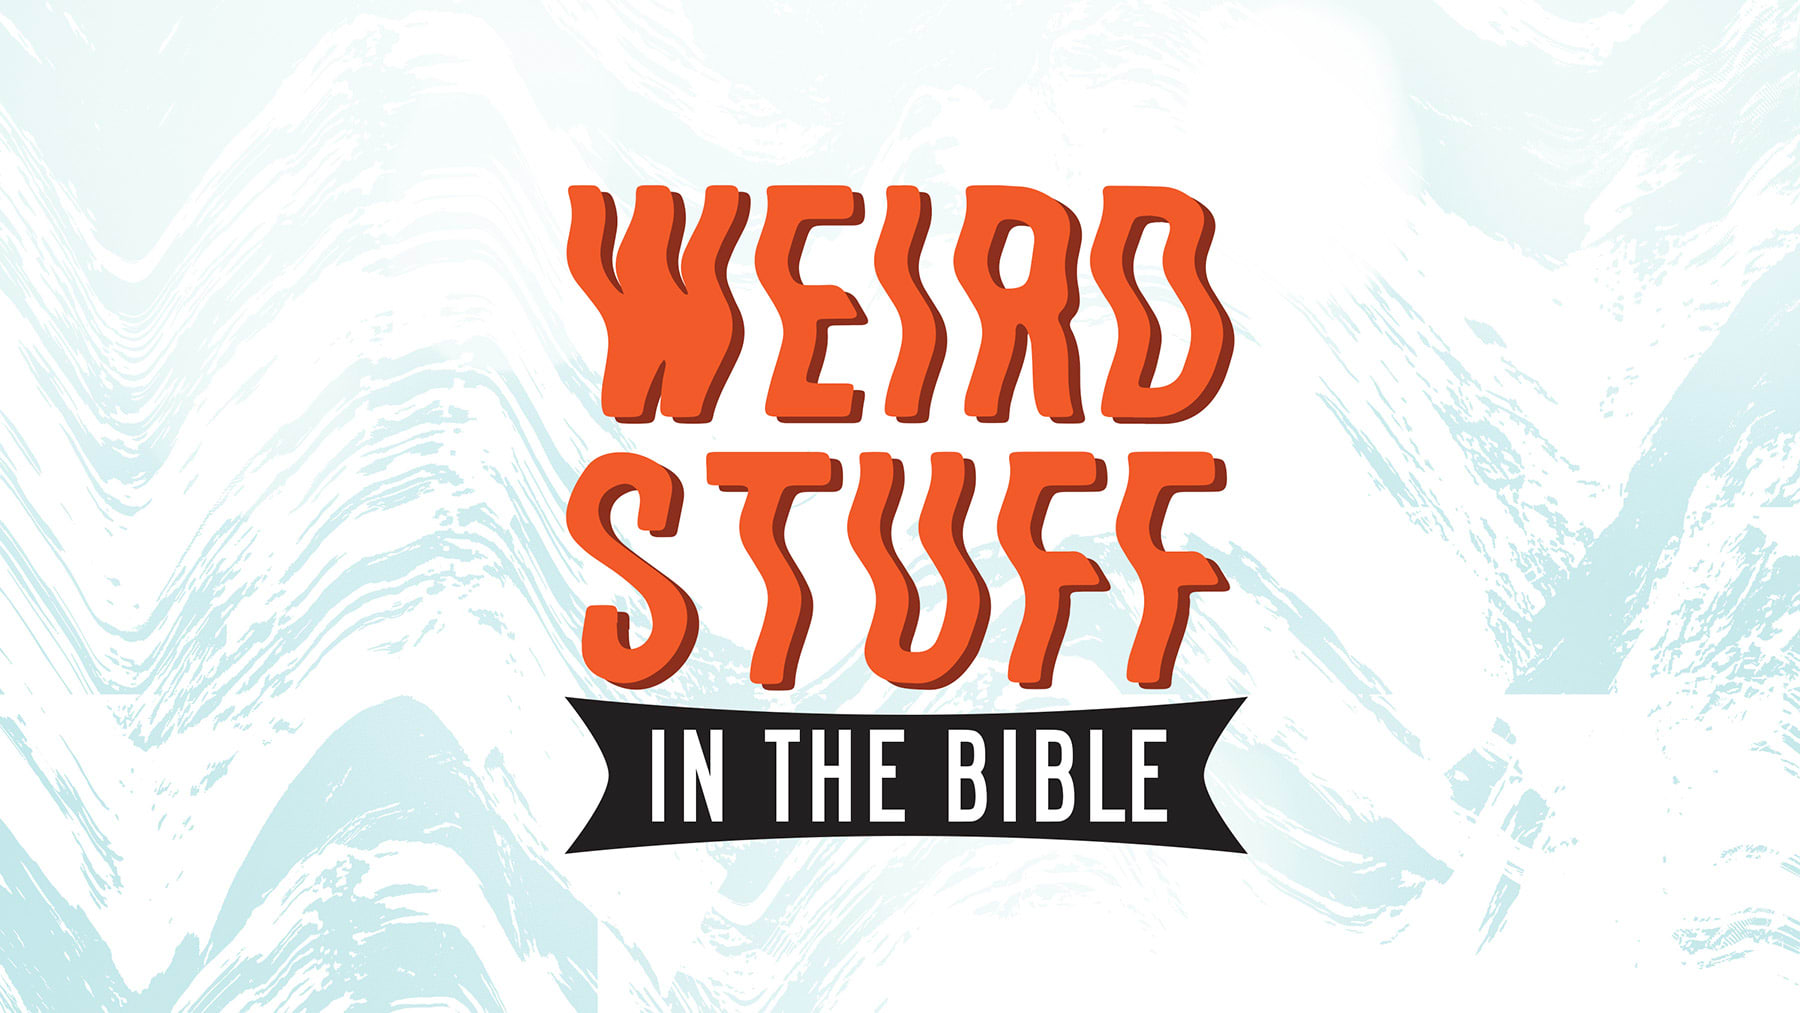 Weird Stuff In The Bible